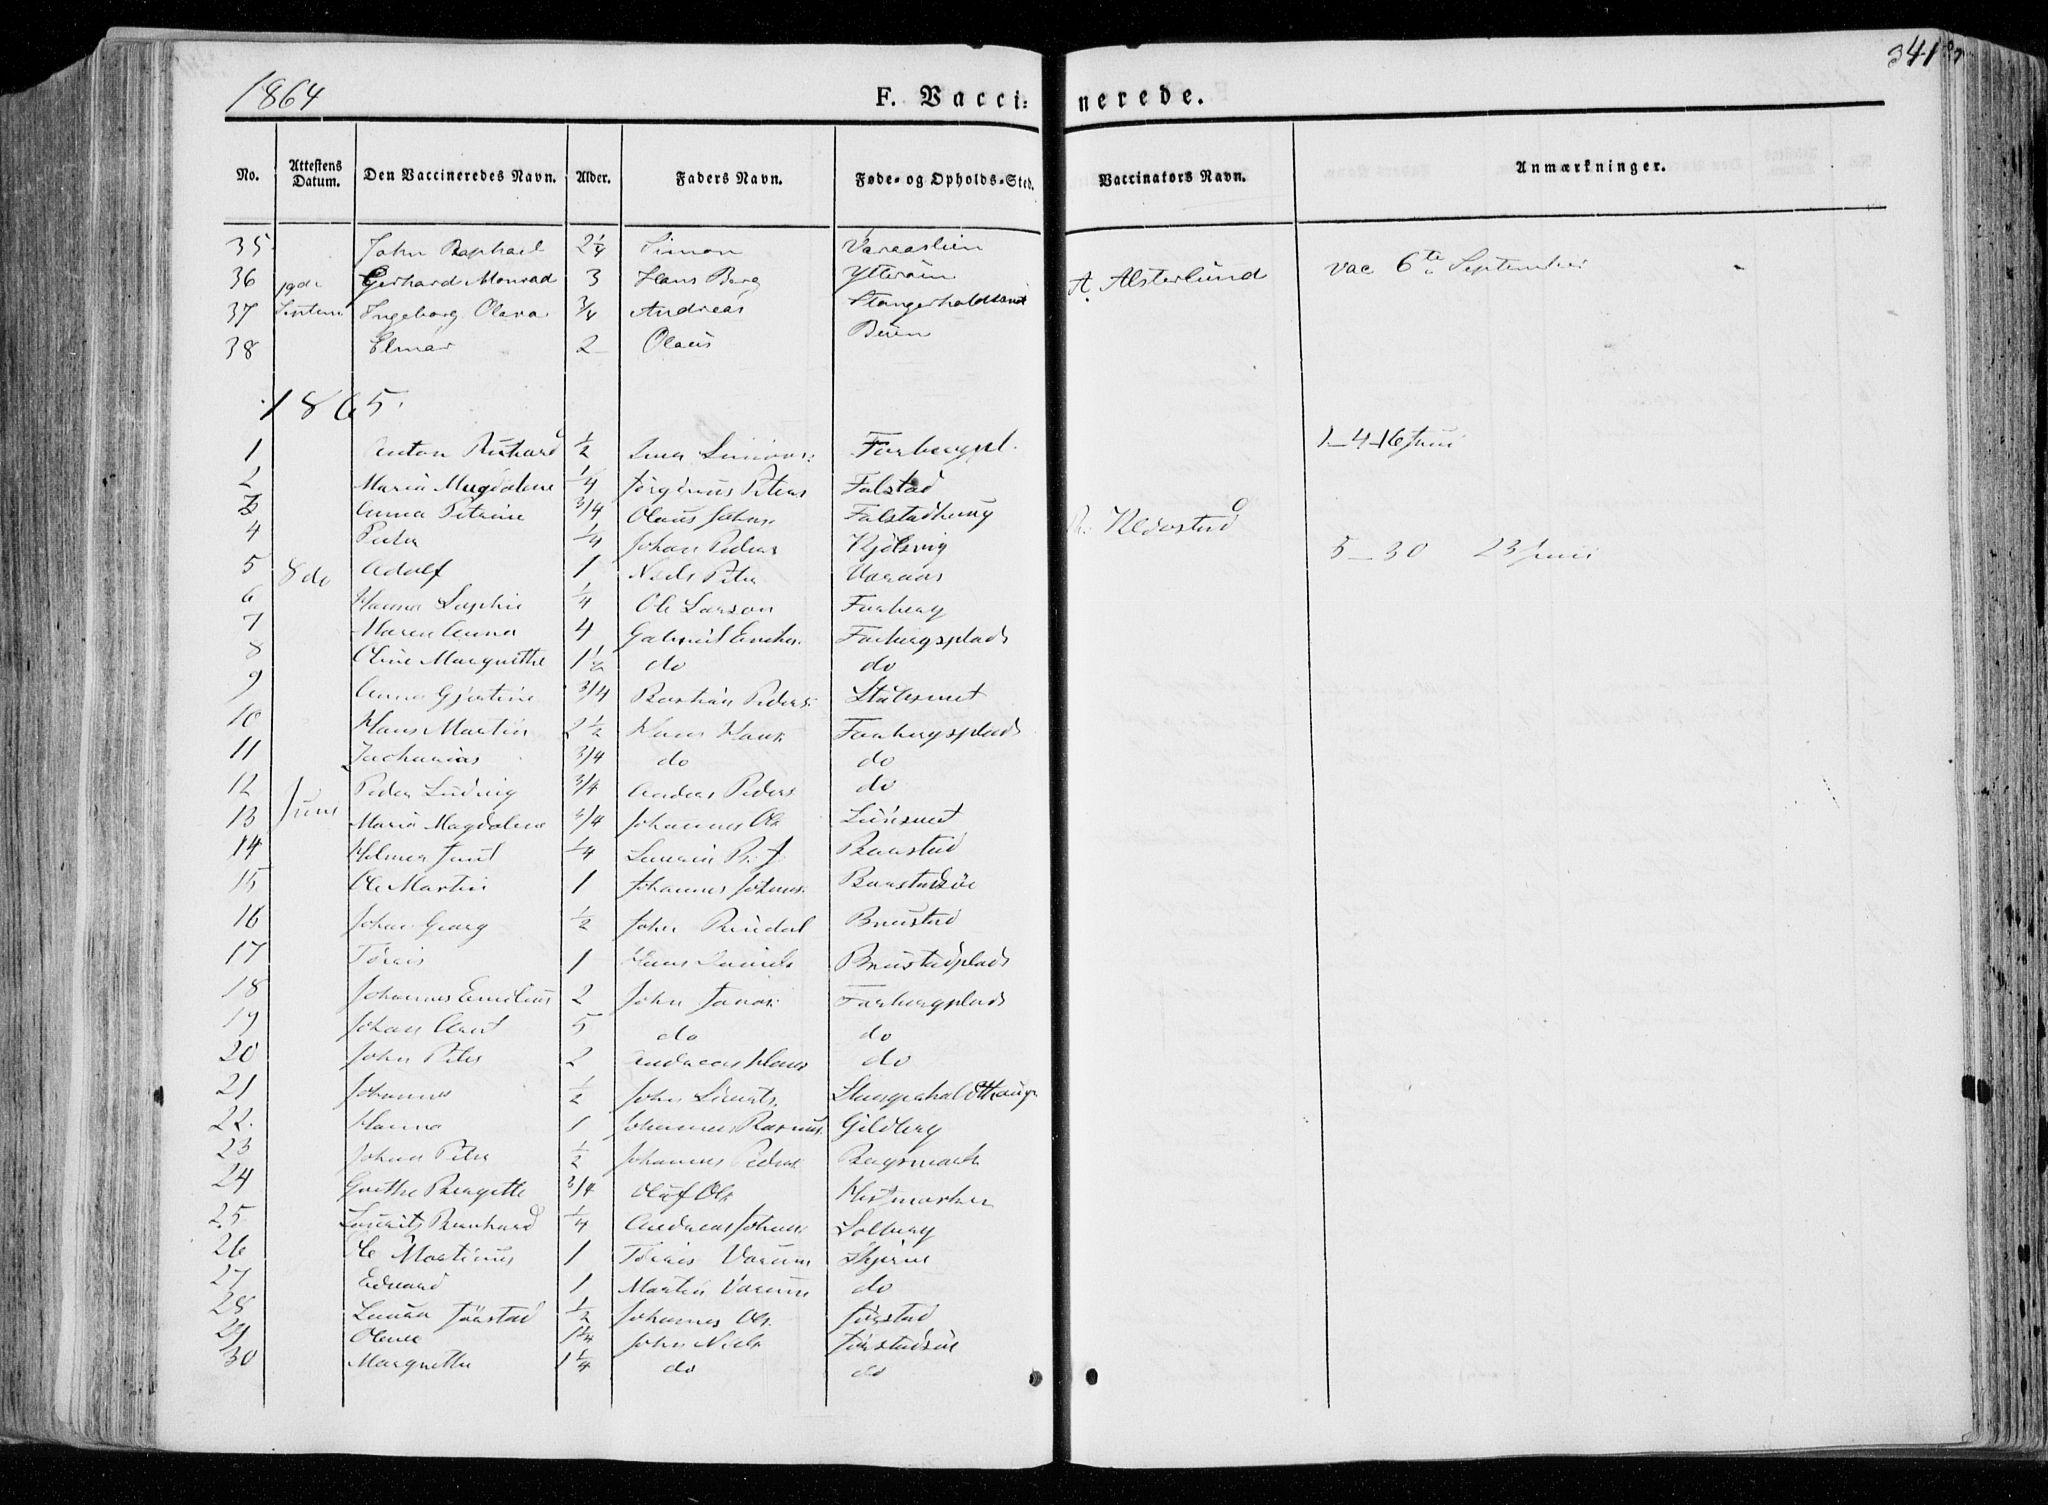 SAT, Ministerialprotokoller, klokkerbøker og fødselsregistre - Nord-Trøndelag, 722/L0218: Ministerialbok nr. 722A05, 1843-1868, s. 341